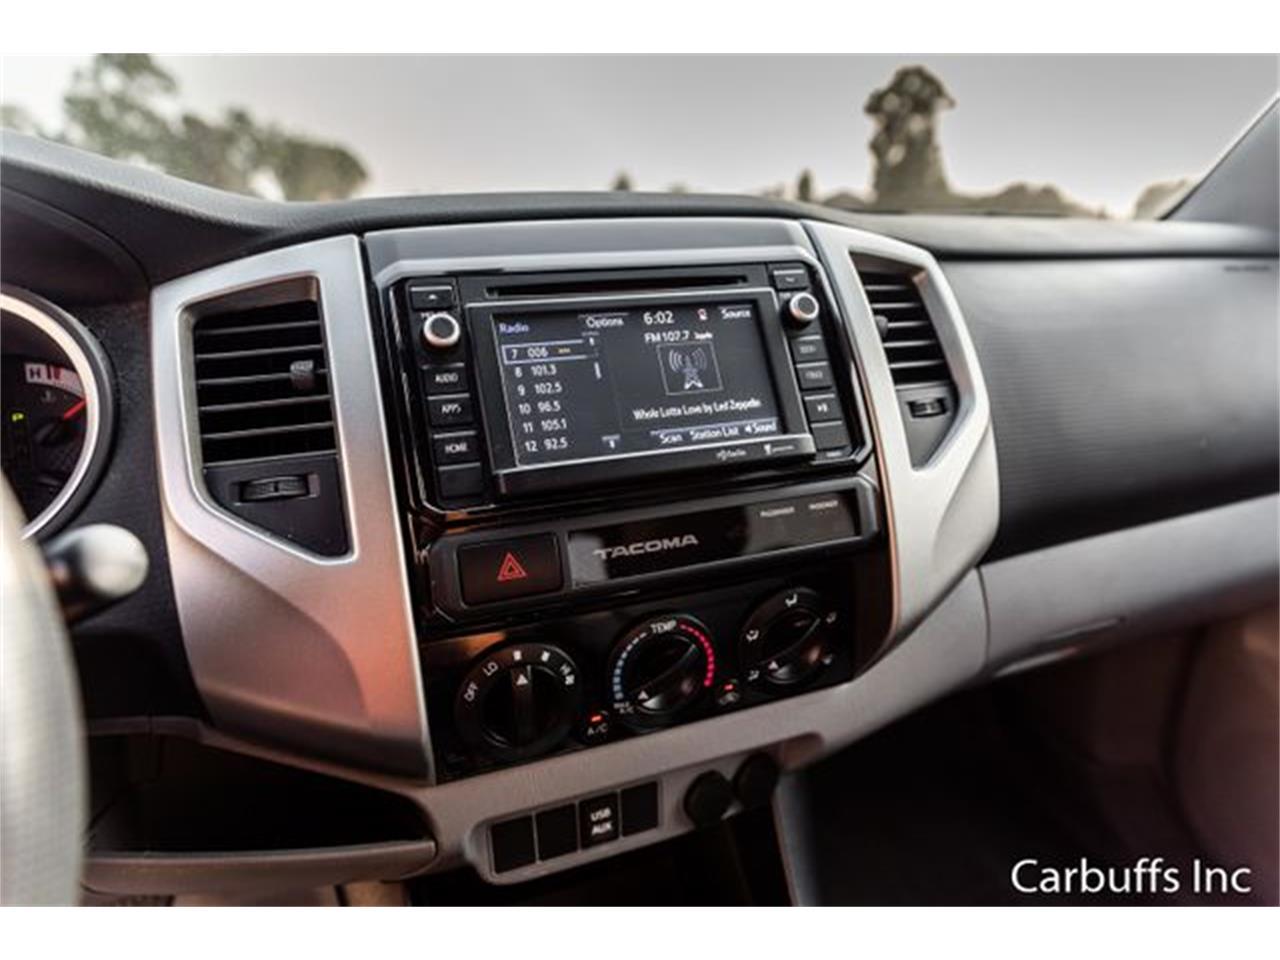 2015 Toyota Tacoma (CC-1390861) for sale in Concord, California